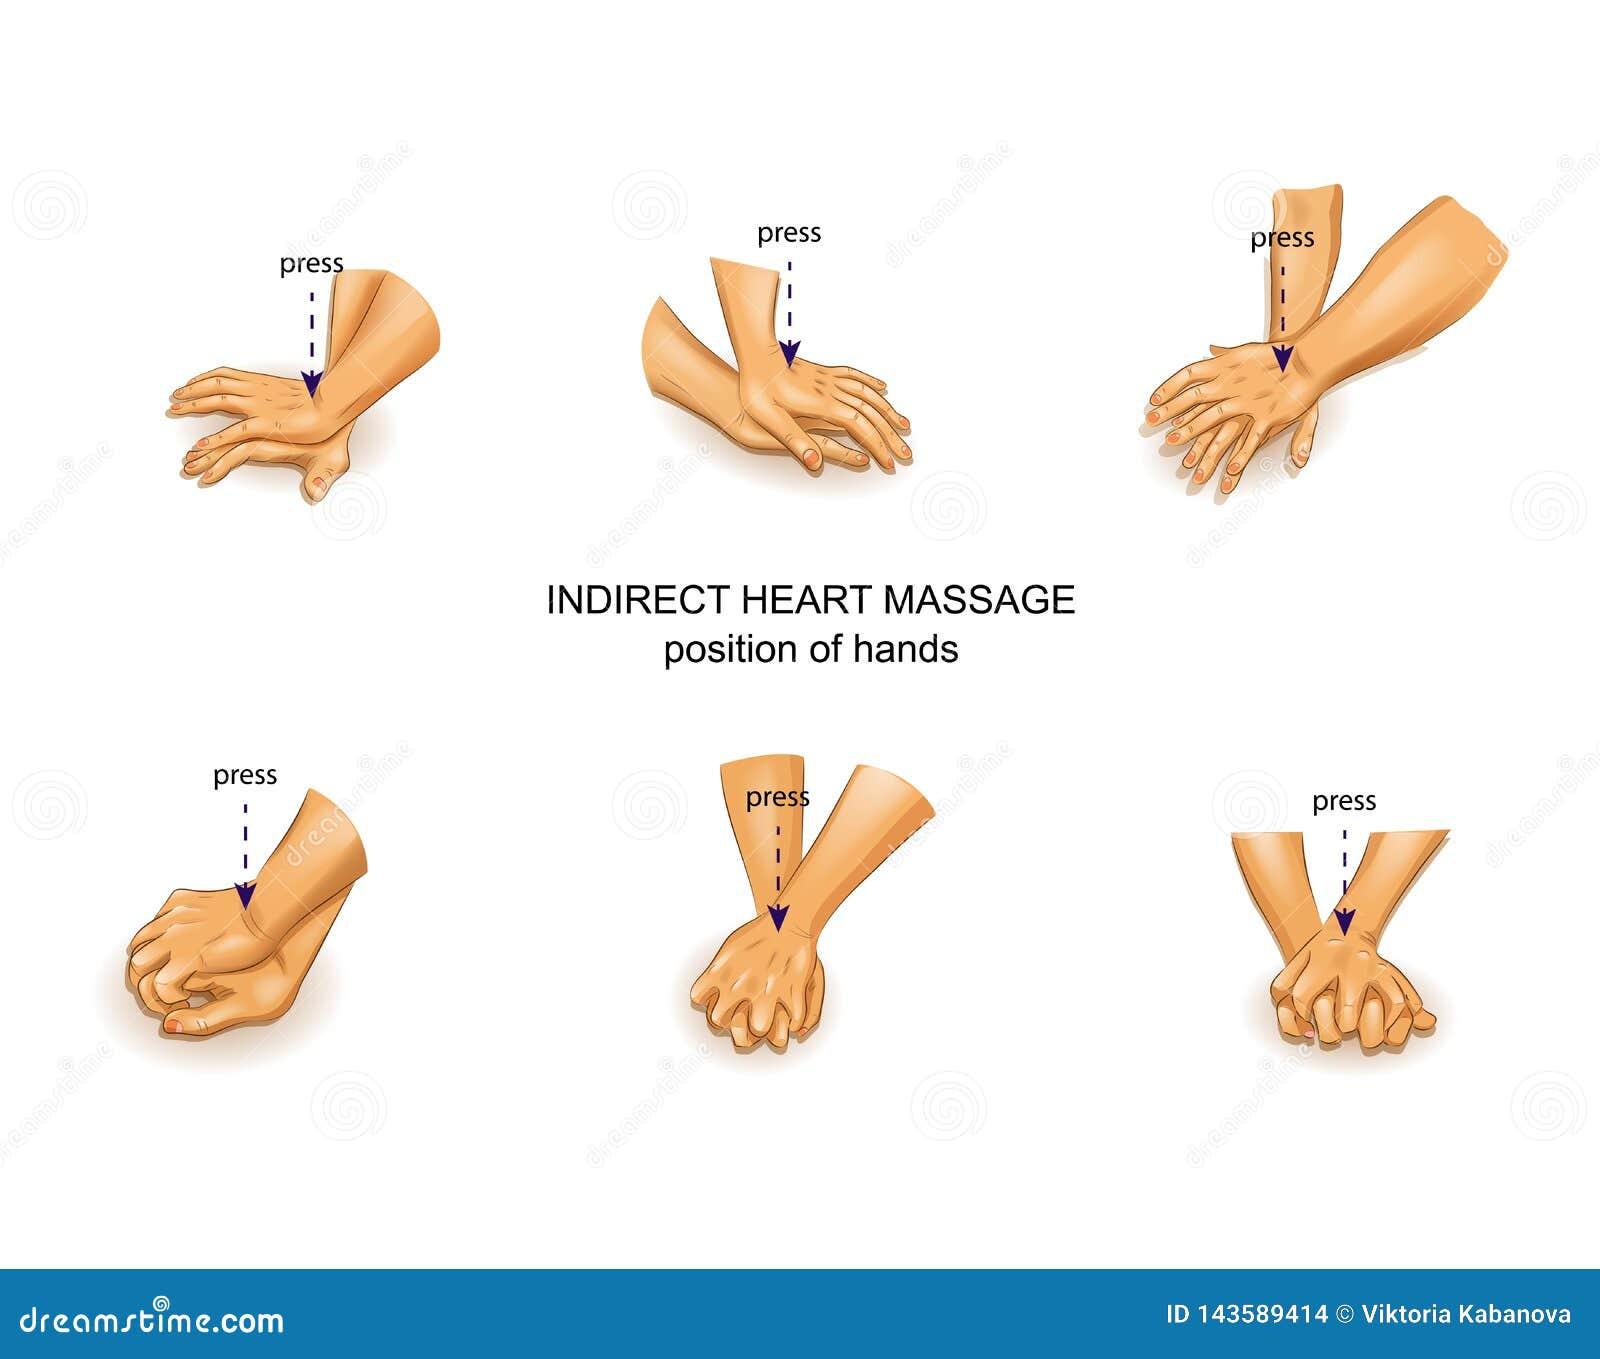 Posizione delle mani del medico nel massaggio cardiaco indiretto